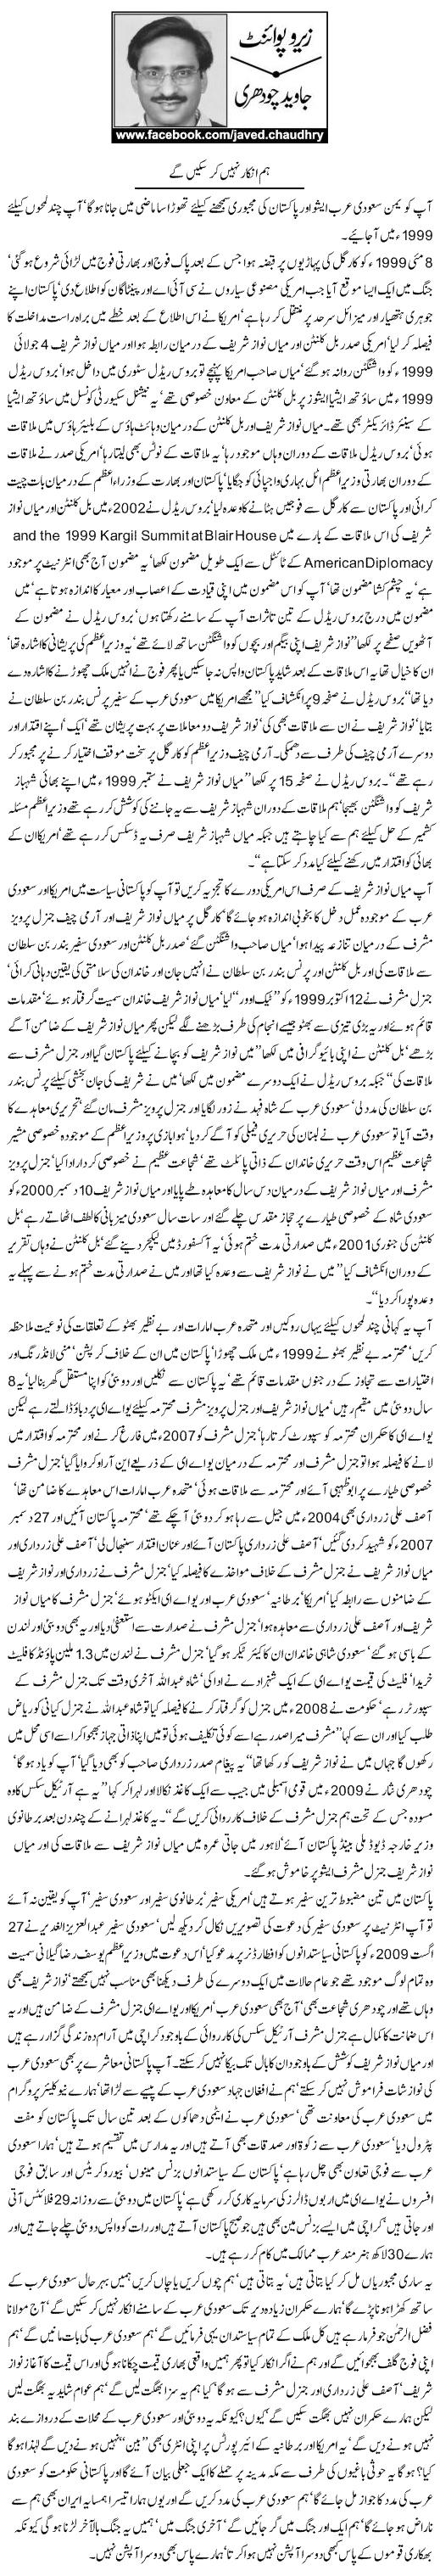 Hum Inkar Nahi Ker Sakiengay By Javed Chaudhry - Zero Point - Pakfunny